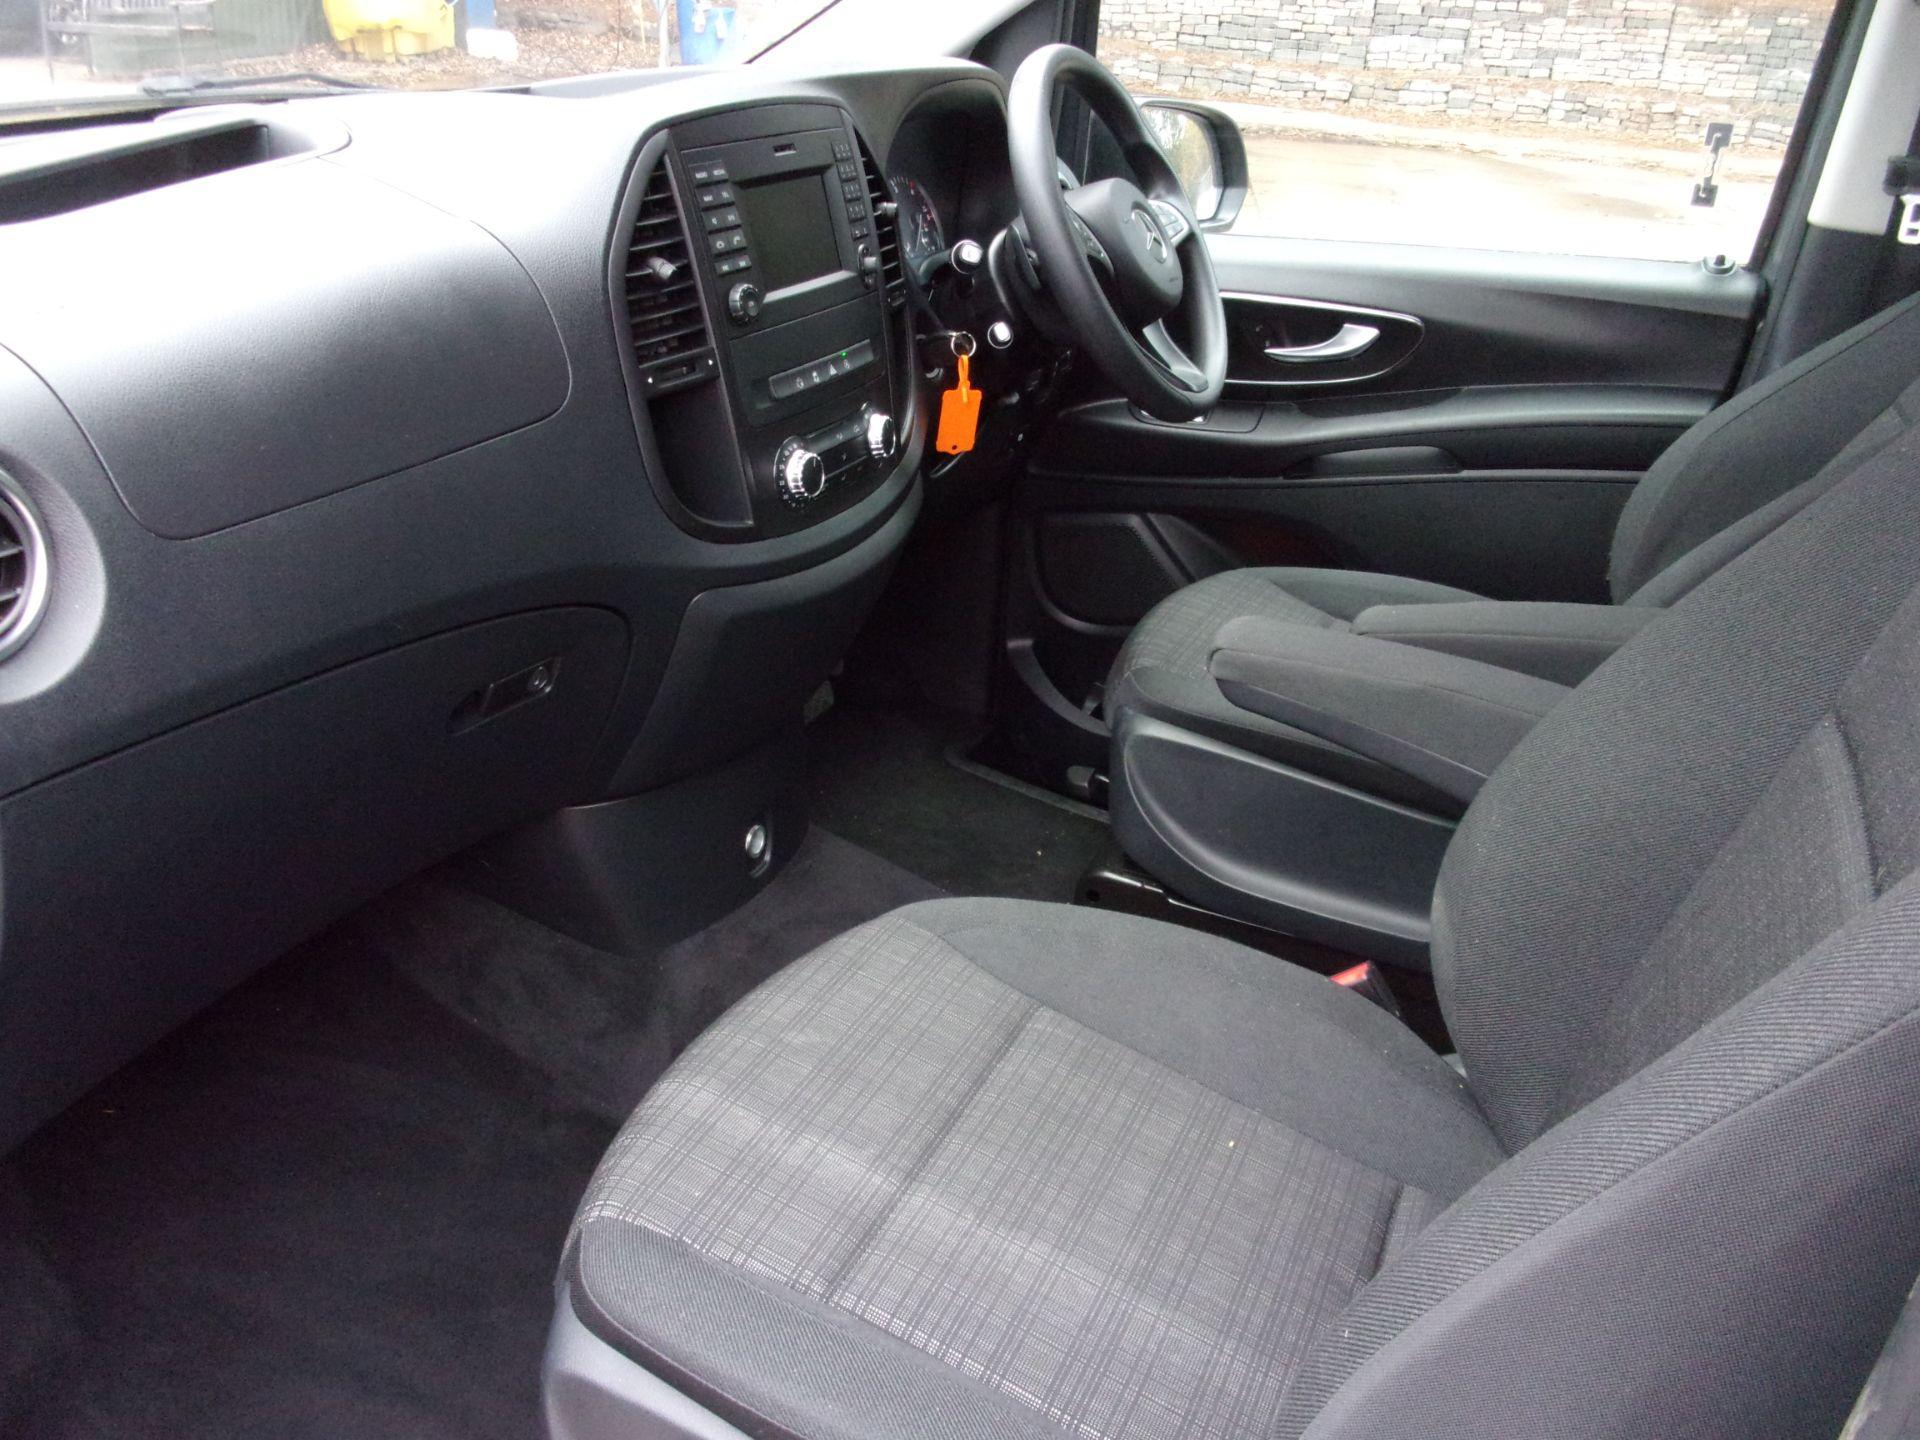 2018 Mercedes-Benz Vito 119 CDI BLUETEC TOURER SELECT AUTO 8 SEAT EURO 6 (KW18SZP) Image 15